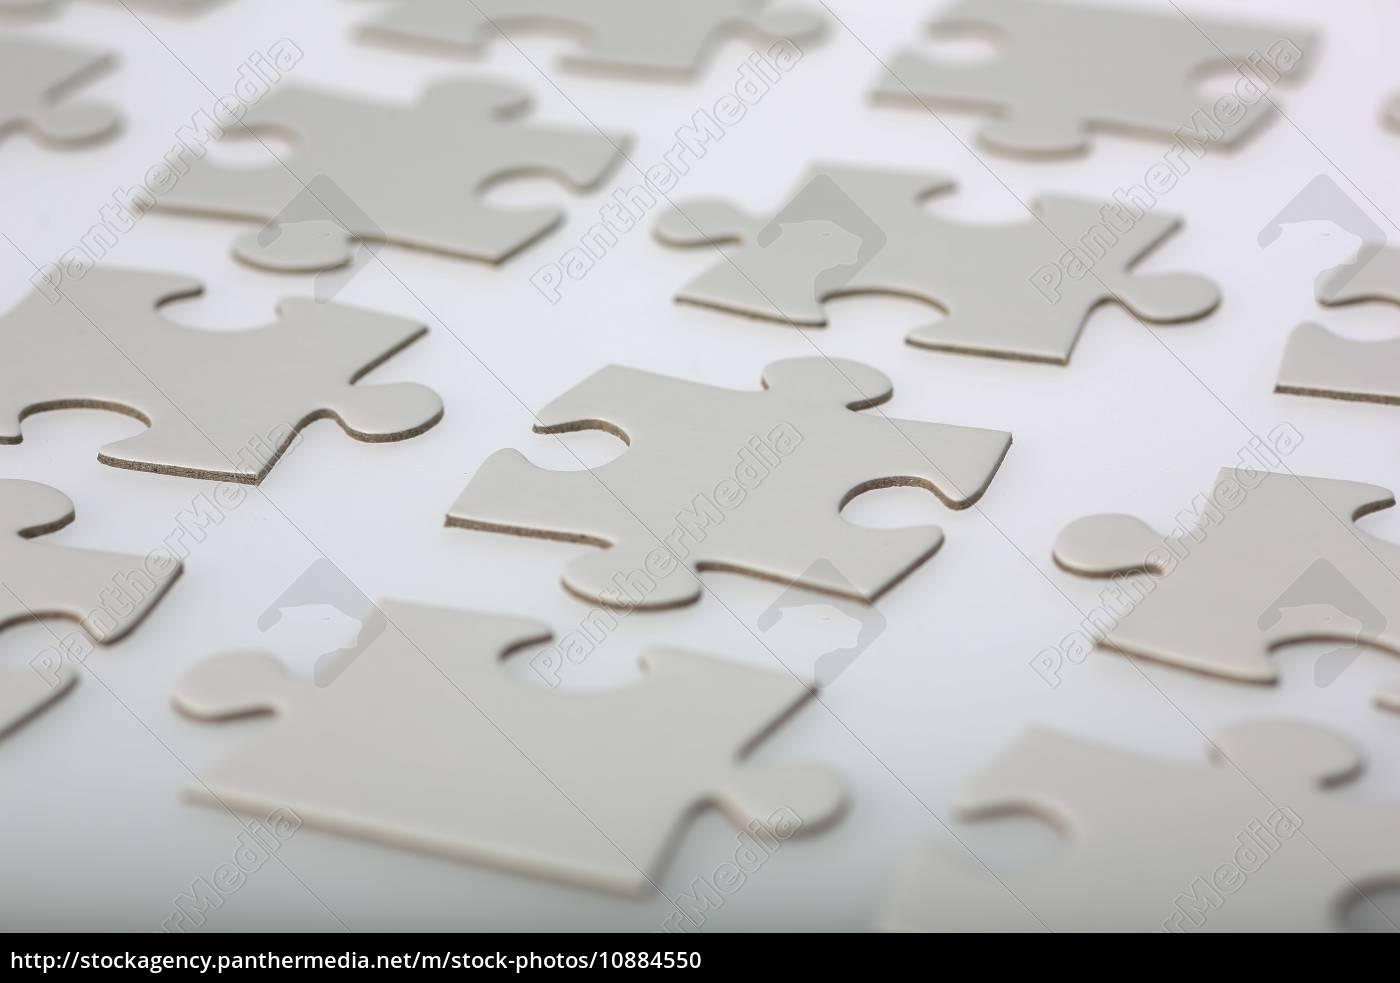 Stock Photo 10884550   Ordentlich Puzzle Stücke Aligned